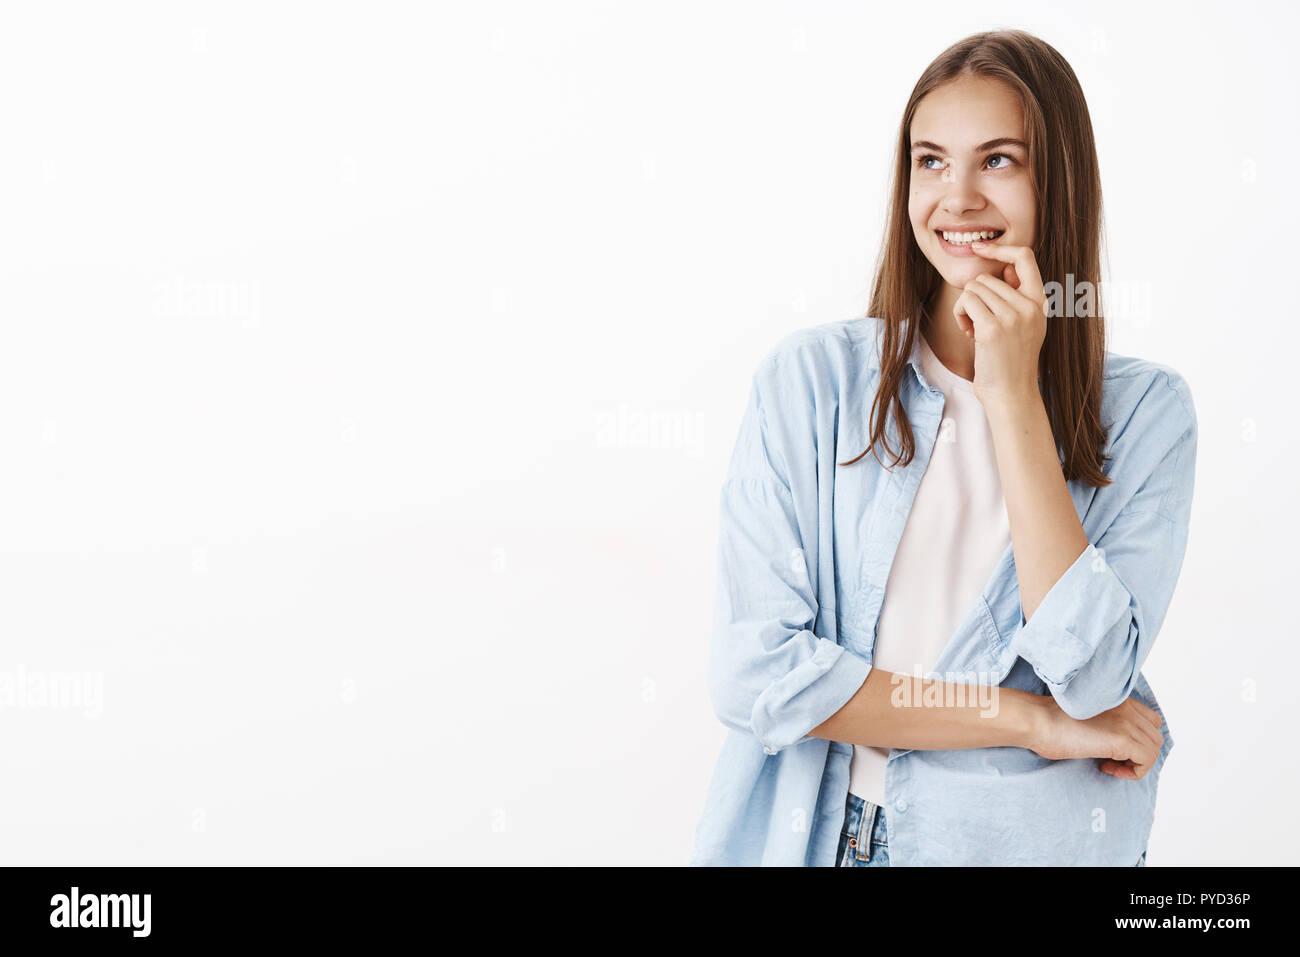 Mädchen eingedenk der erste Kuss mit Freund nostalgisch und flirty Blick auf die obere linke Ecke mit romantischen zufrieden und neugierig Lächeln holding Finger auf Lippe grinsend und Kreuzung Körper mit Arm Stockbild